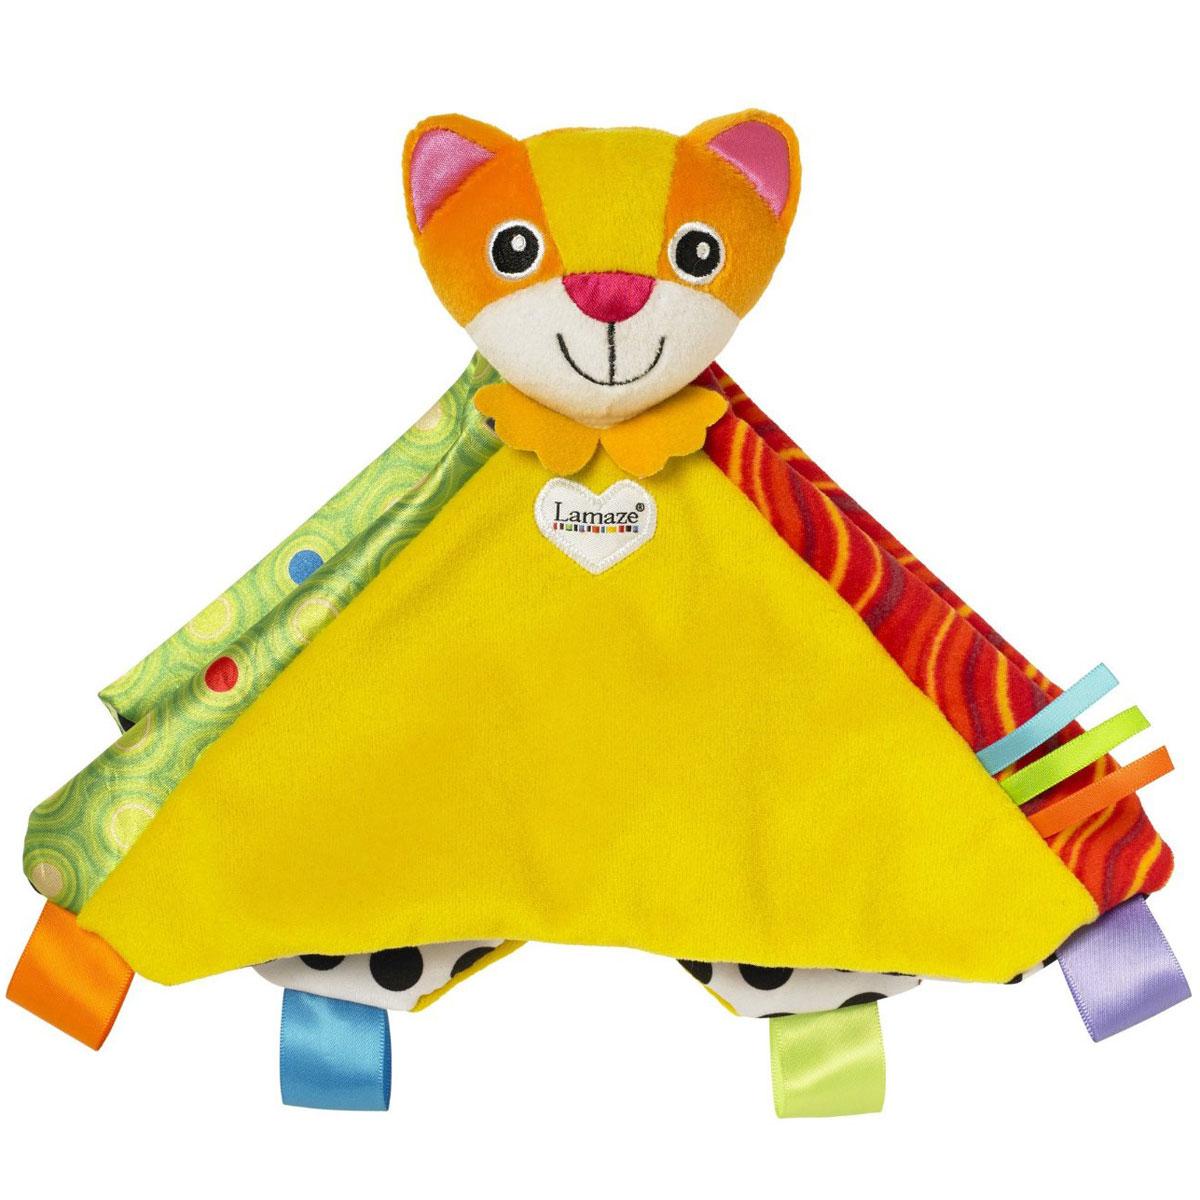 Lamaze Мягкая игрушка-погремушка Котенок МиттиLC27623RUМягкая игрушка-погремушка Lamaze Котенок Митти создана специально для самых маленьких. Легкая и удобная для детских ручек игрушка выполнена в виде симпатичного котенка. Изделие изготовлено из приятных на ощупь гипоаллергенных материалов, полностью безопасных для здоровья. Голова котенка является погремушкой, а тело выполнено в виде разноцветного одеяльца. Такая оригинальная игрушка способствует развитию внимания, слухового и зрительного восприятия и мелкой моторики.